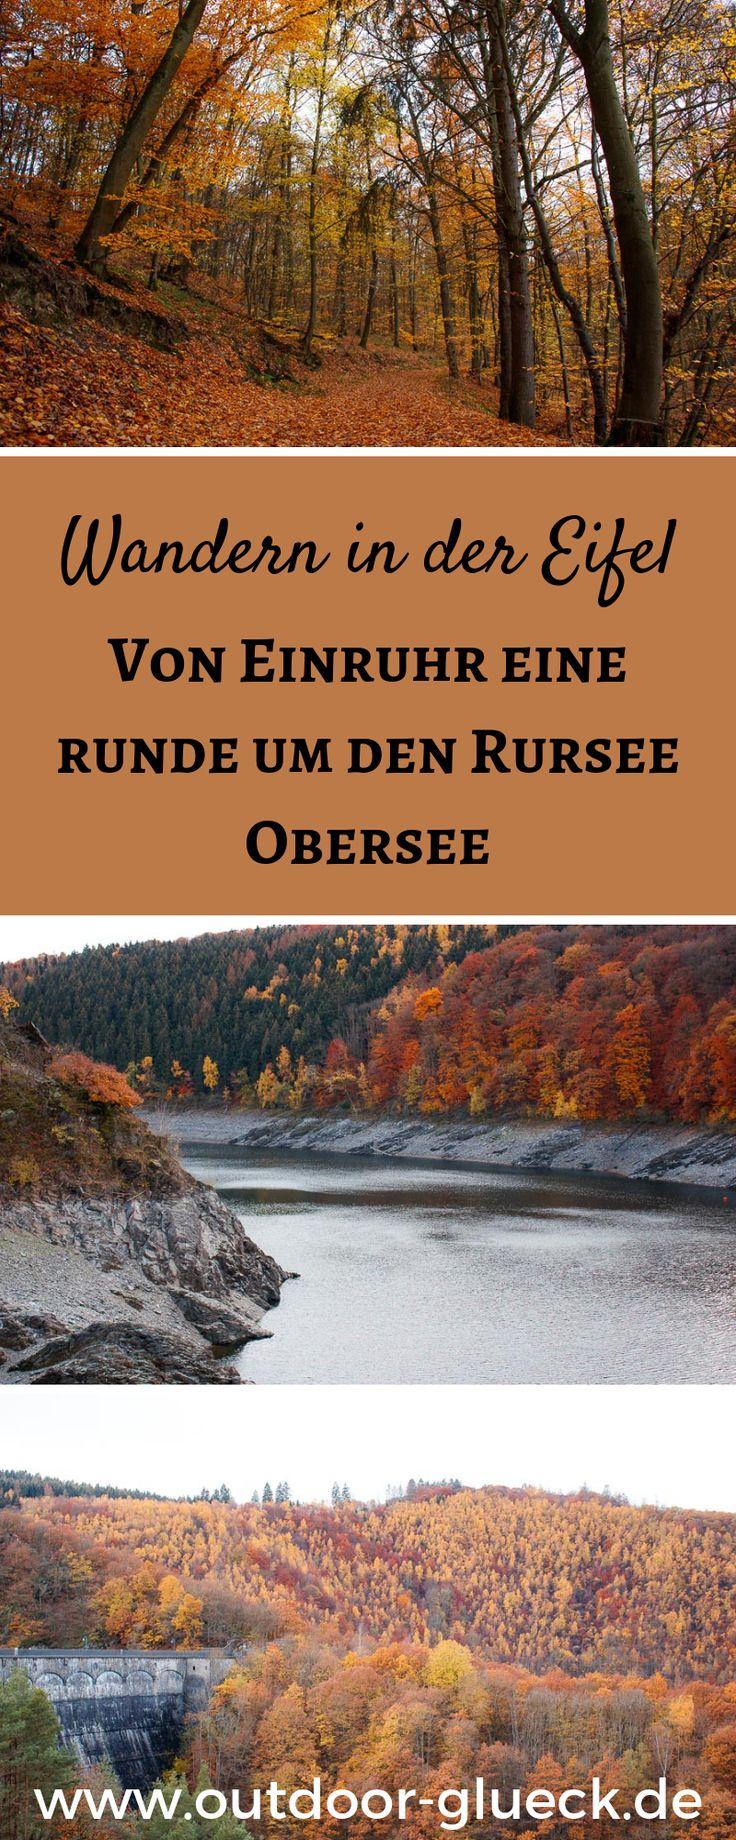 Wandern in der Eifel! Eine traumhafte Wanderung in der Eifel, von Einruhr rund um den Rursee Obersee! #wandern #eifel #wanderung #ausflugstipp